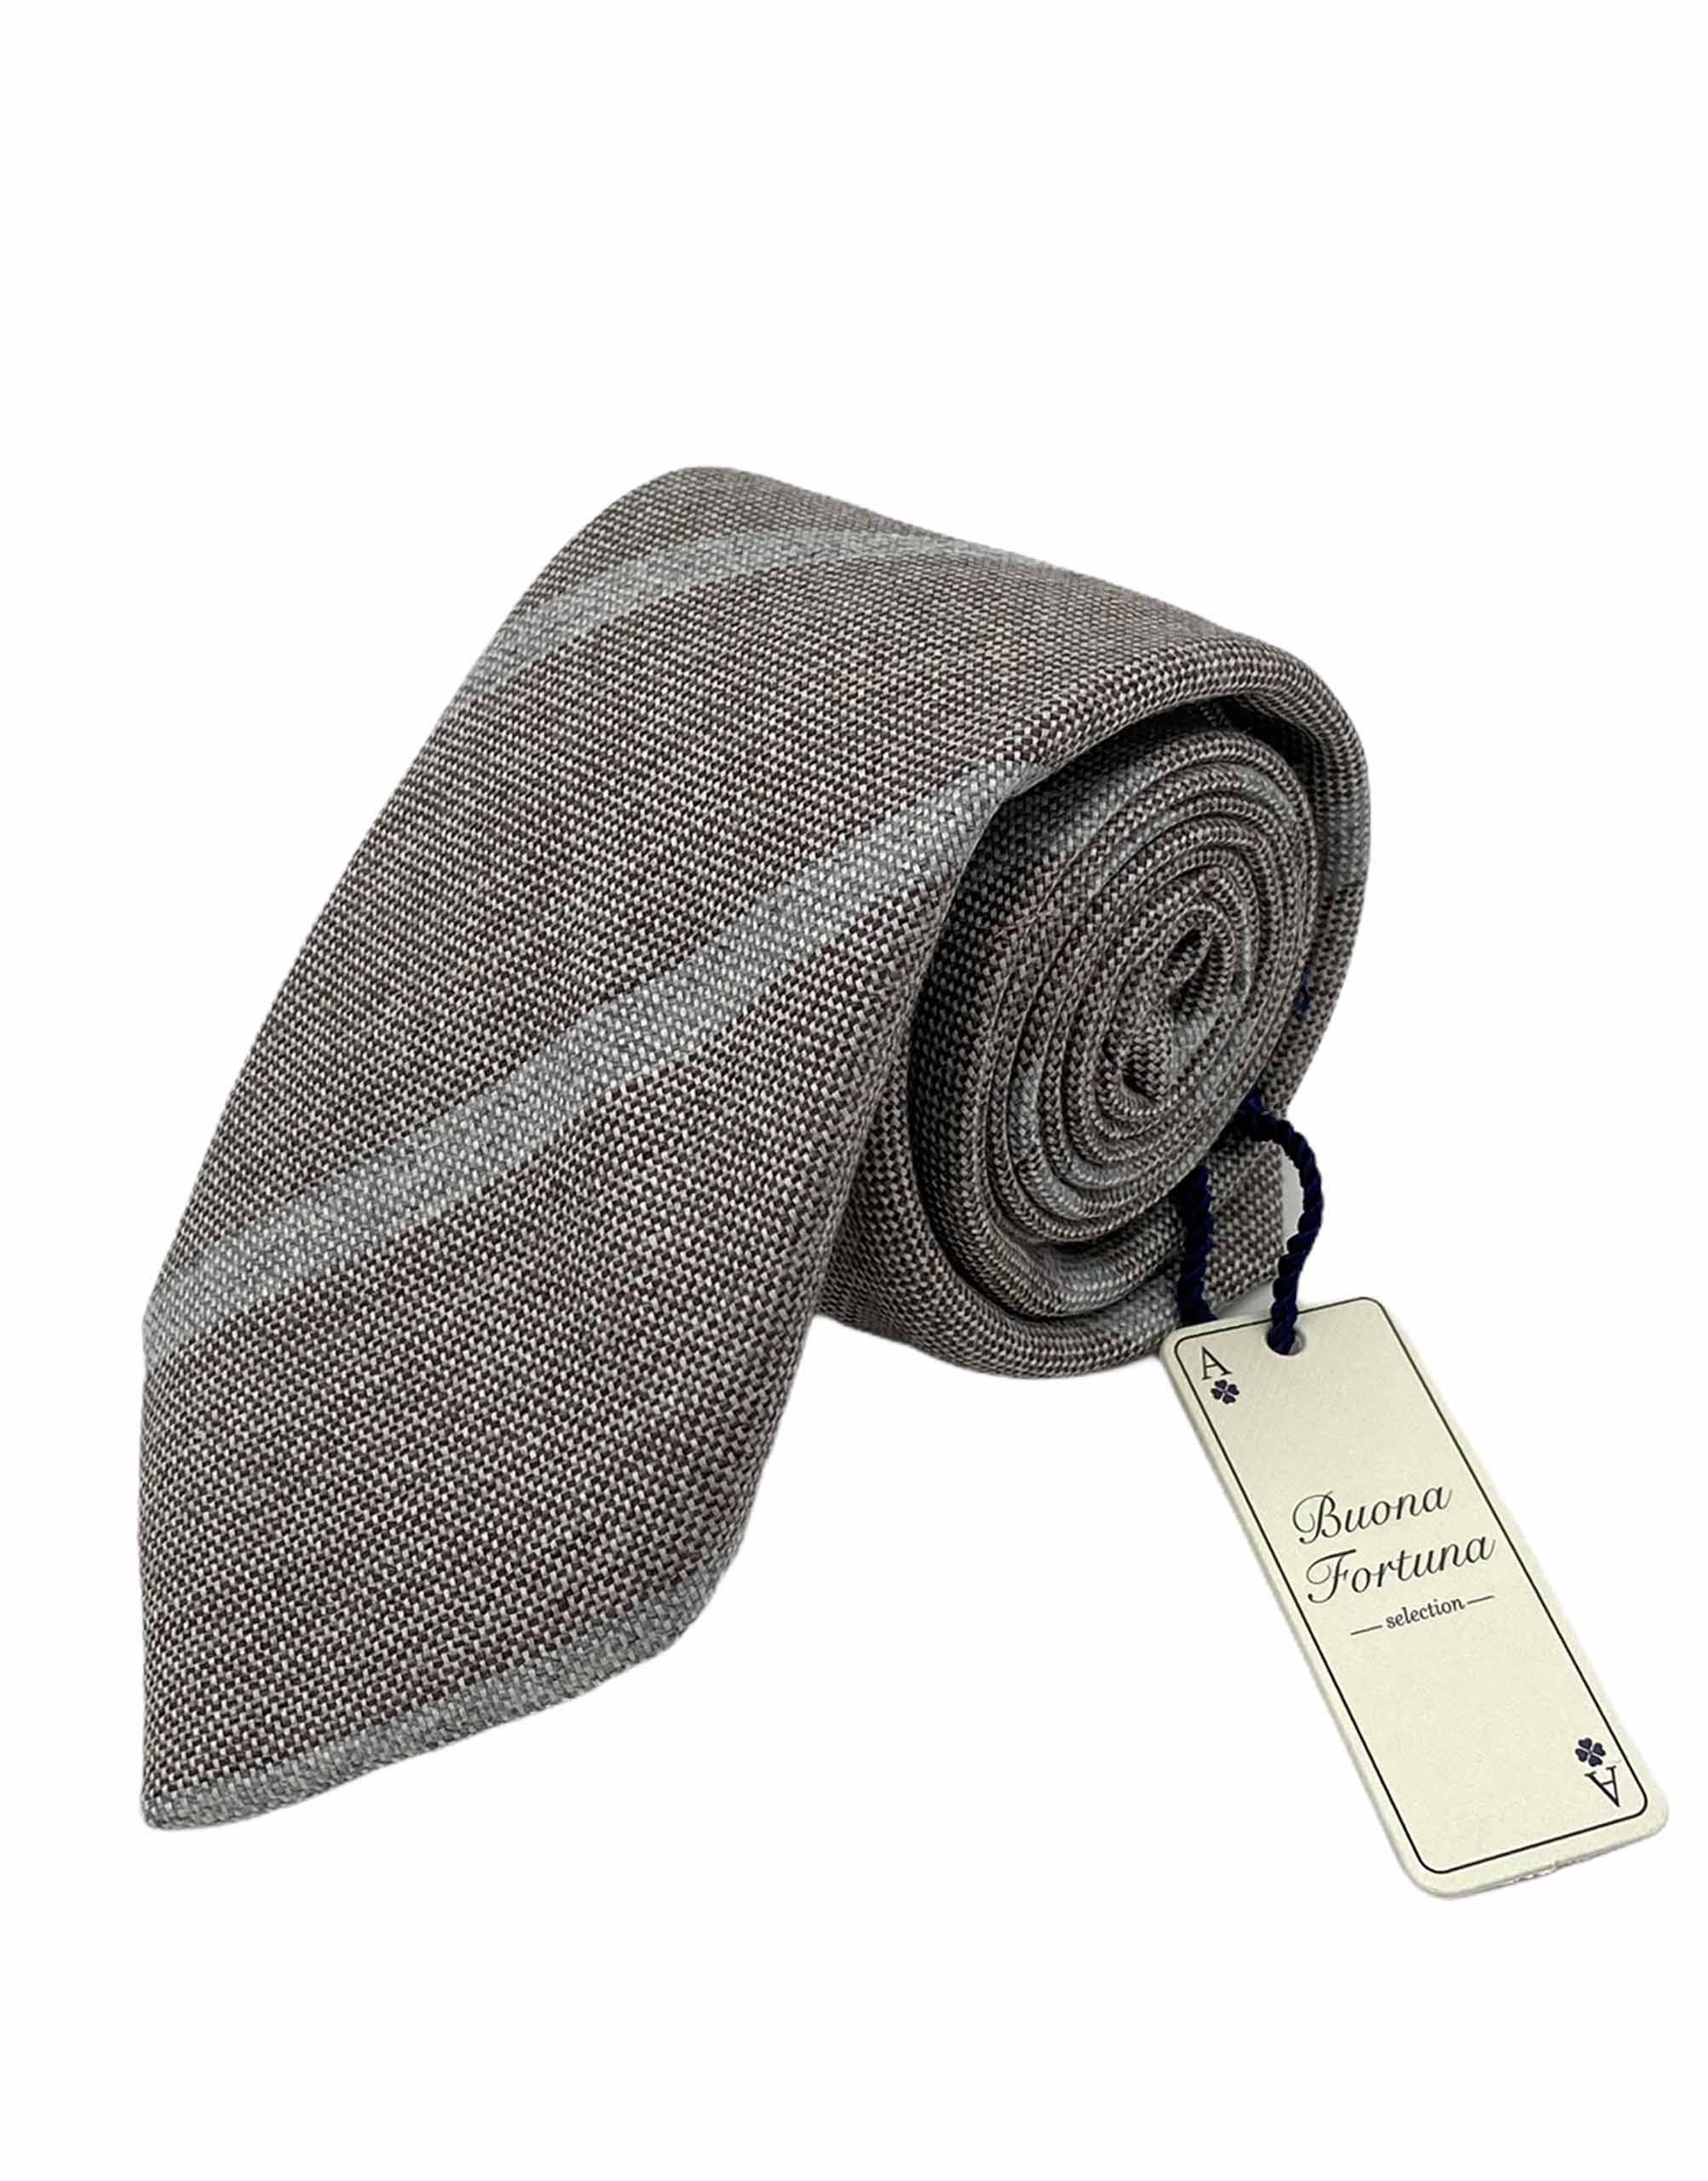 corbata lana siete pliegues buona fortuna comprar online corbatas italianas exclusivas shop cuadro raya gris